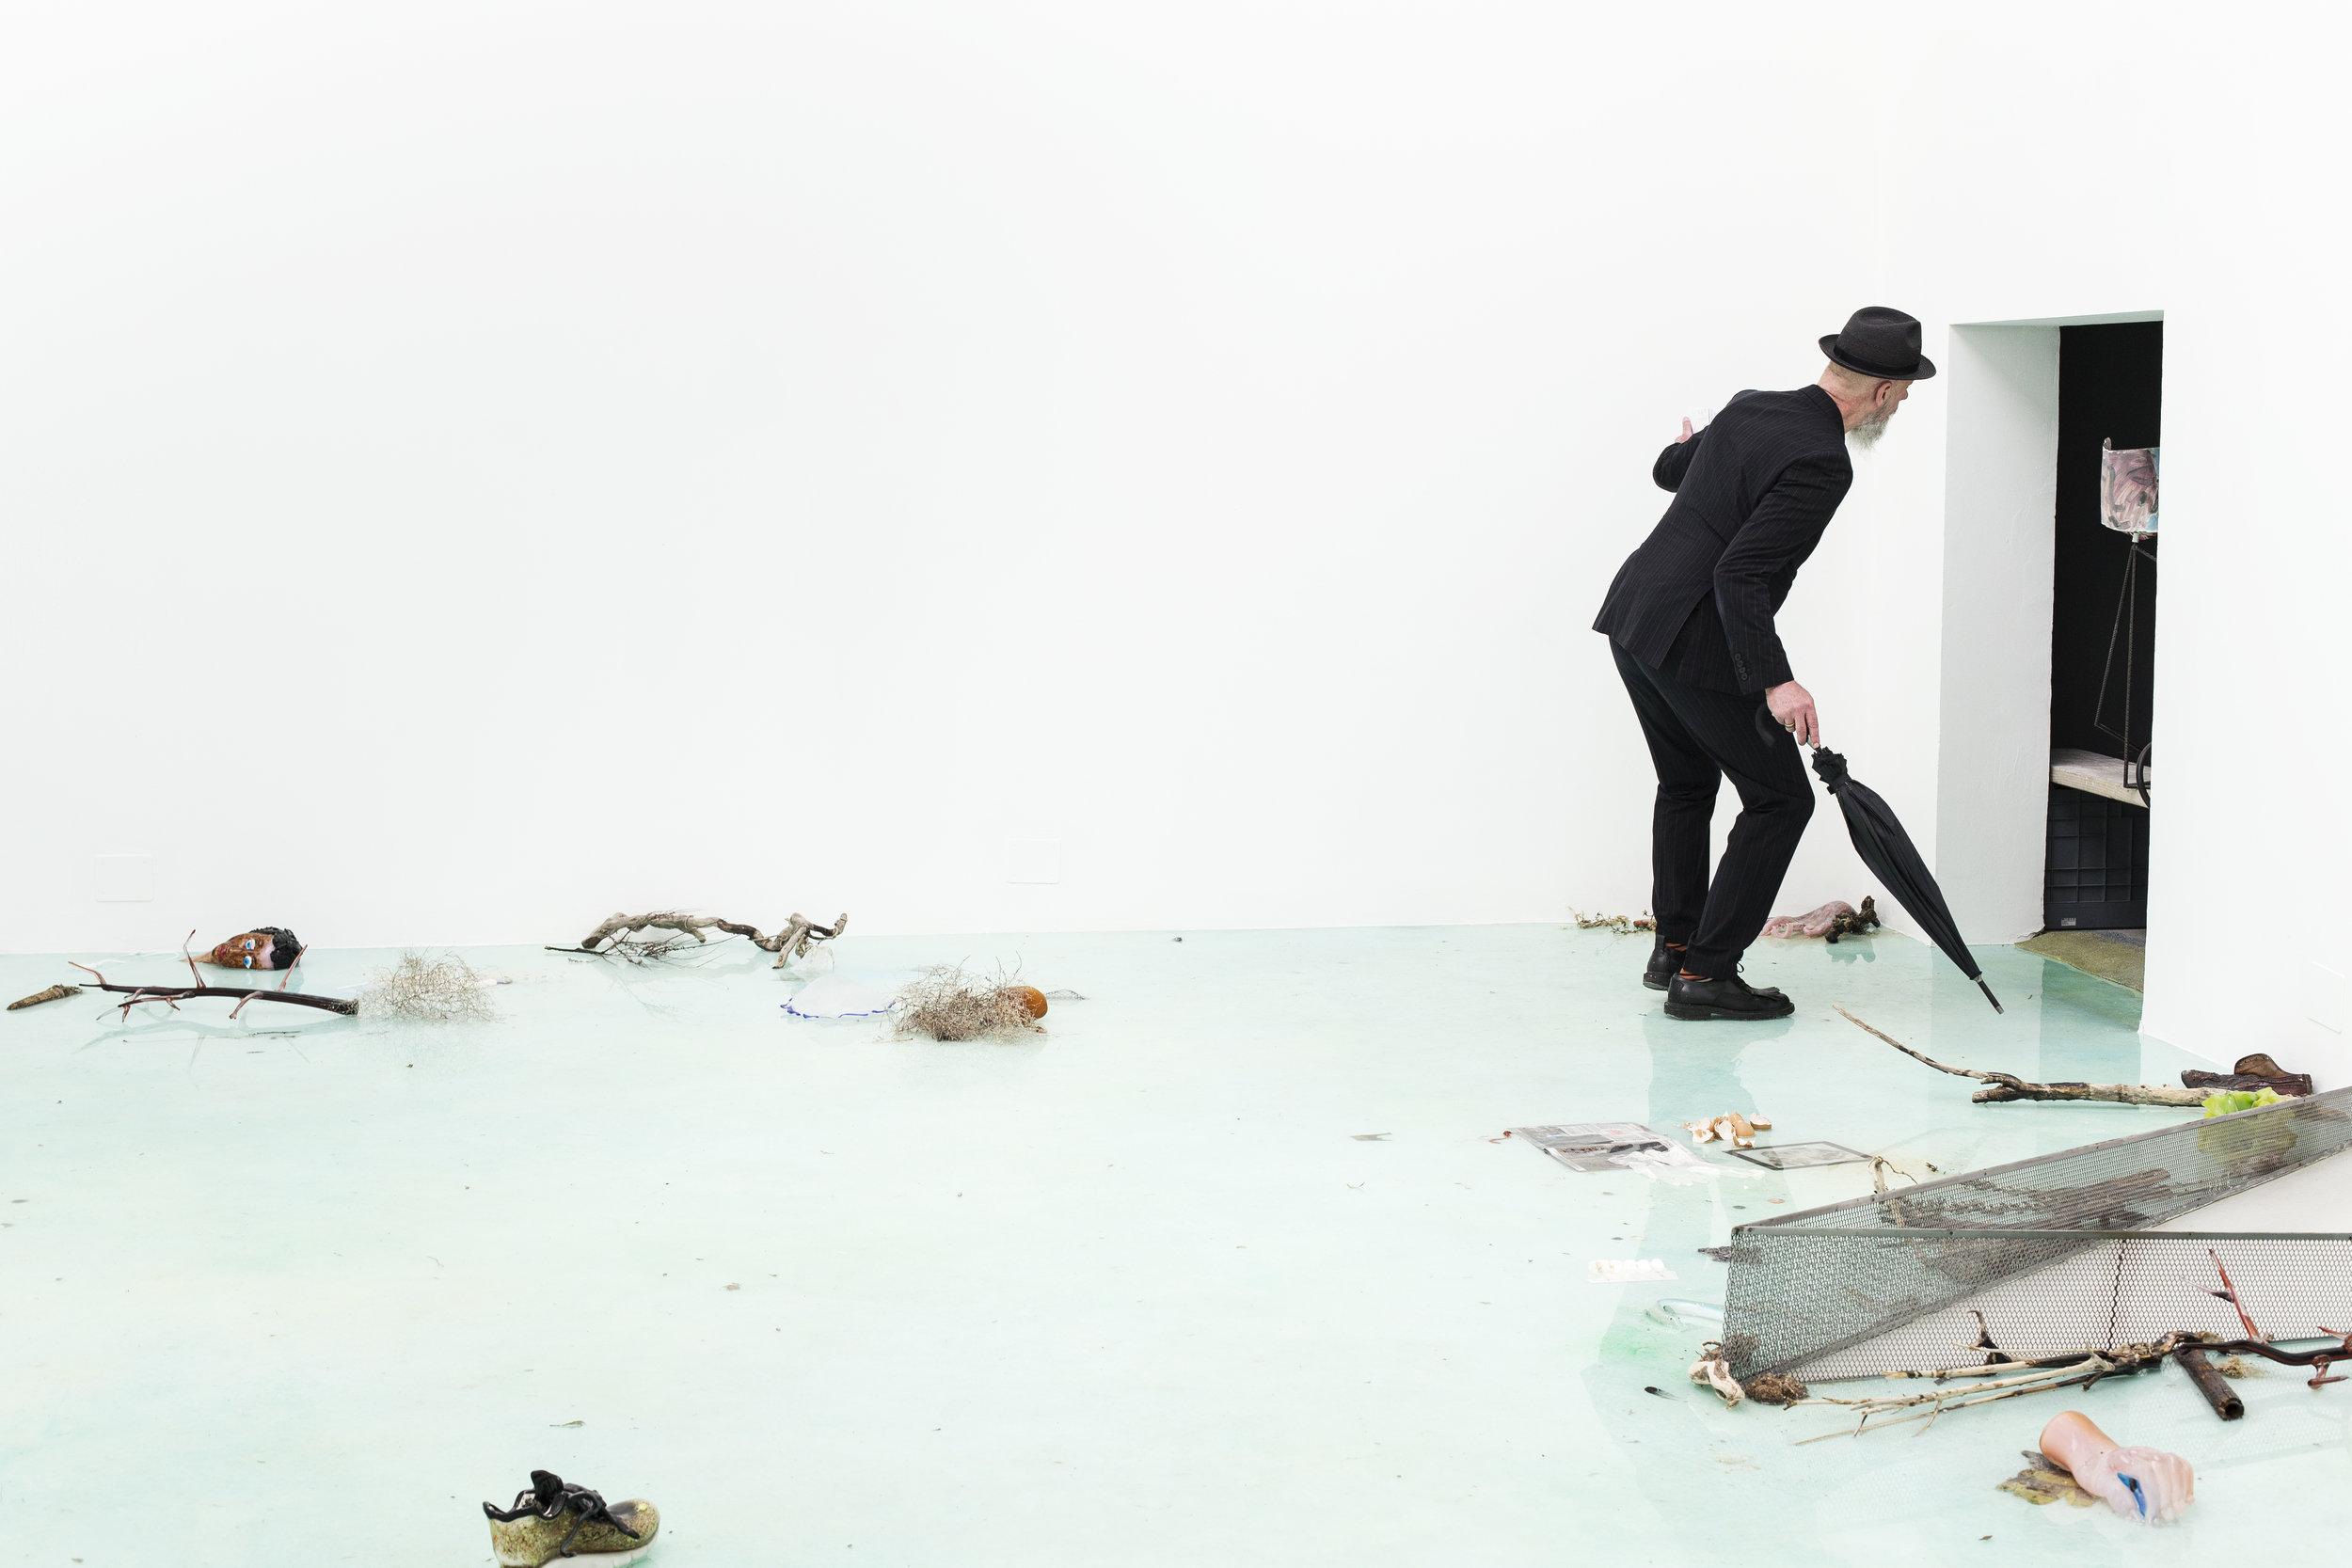 Deep Sea Blue Surrounding You  (2019) by Laure Prouvost. Photo by Francesco Galli. Courtesy the artist, La Biennale di Venezia.